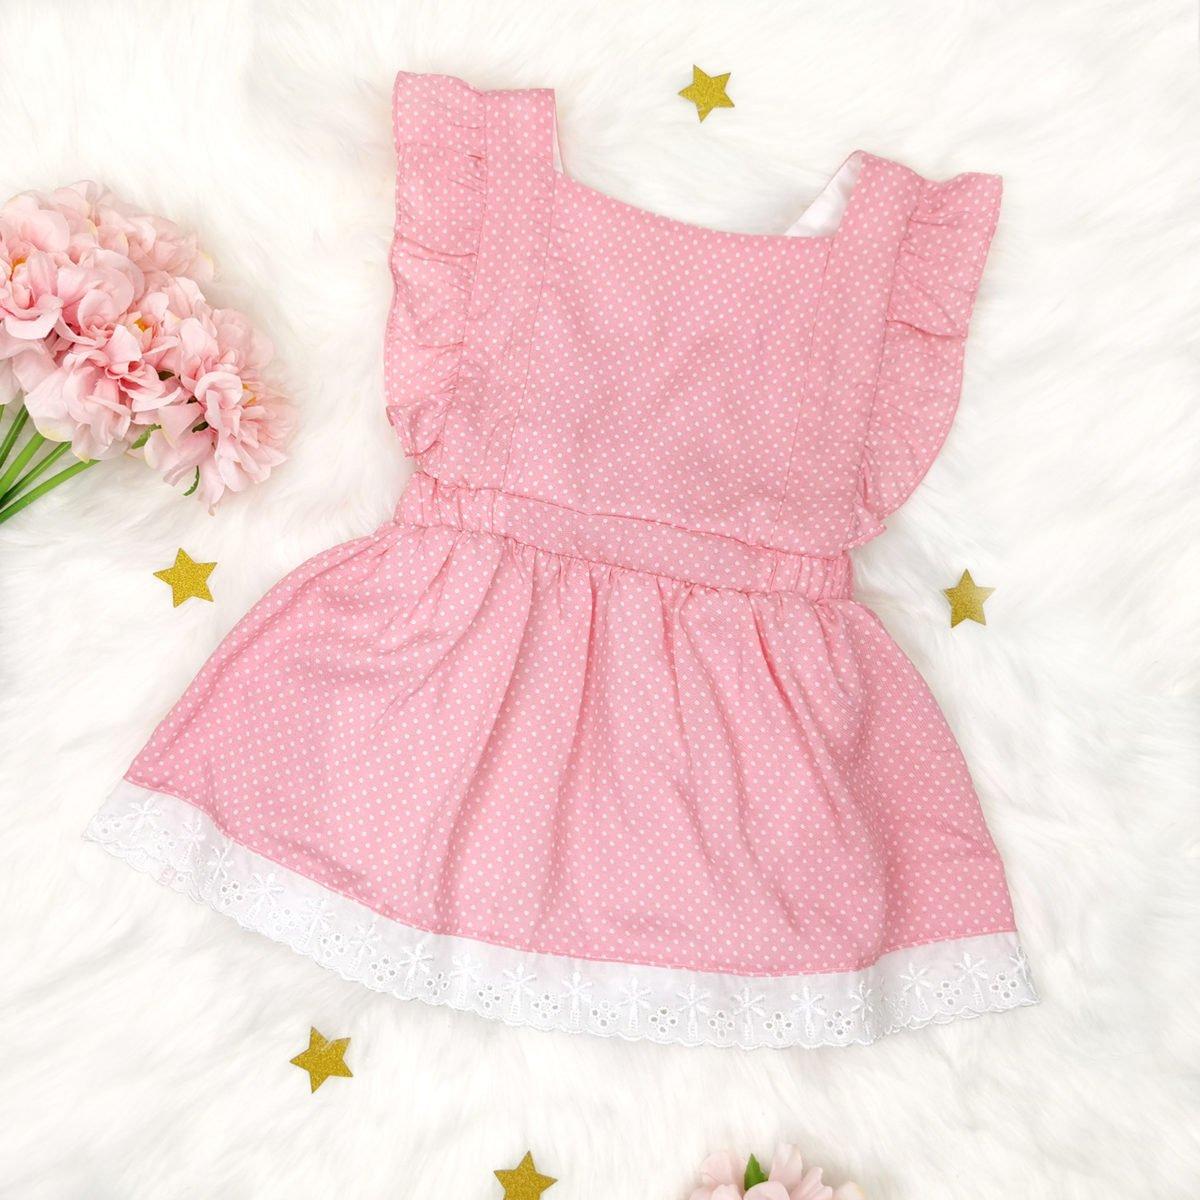 light pink bodi haljina s prednje strane